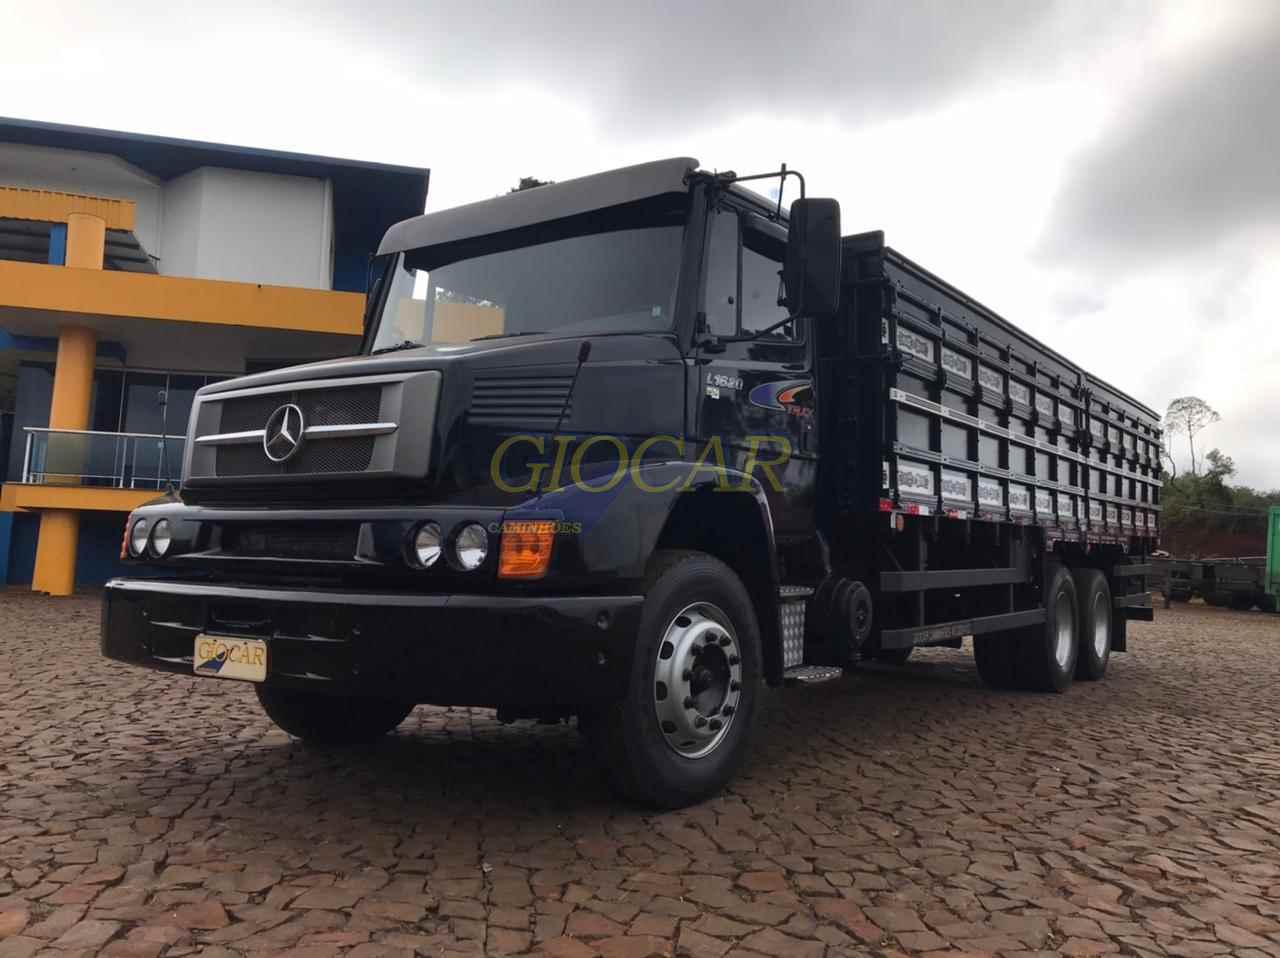 MB 1620 de Giocar Caminhões - PATO BRANCO/PR